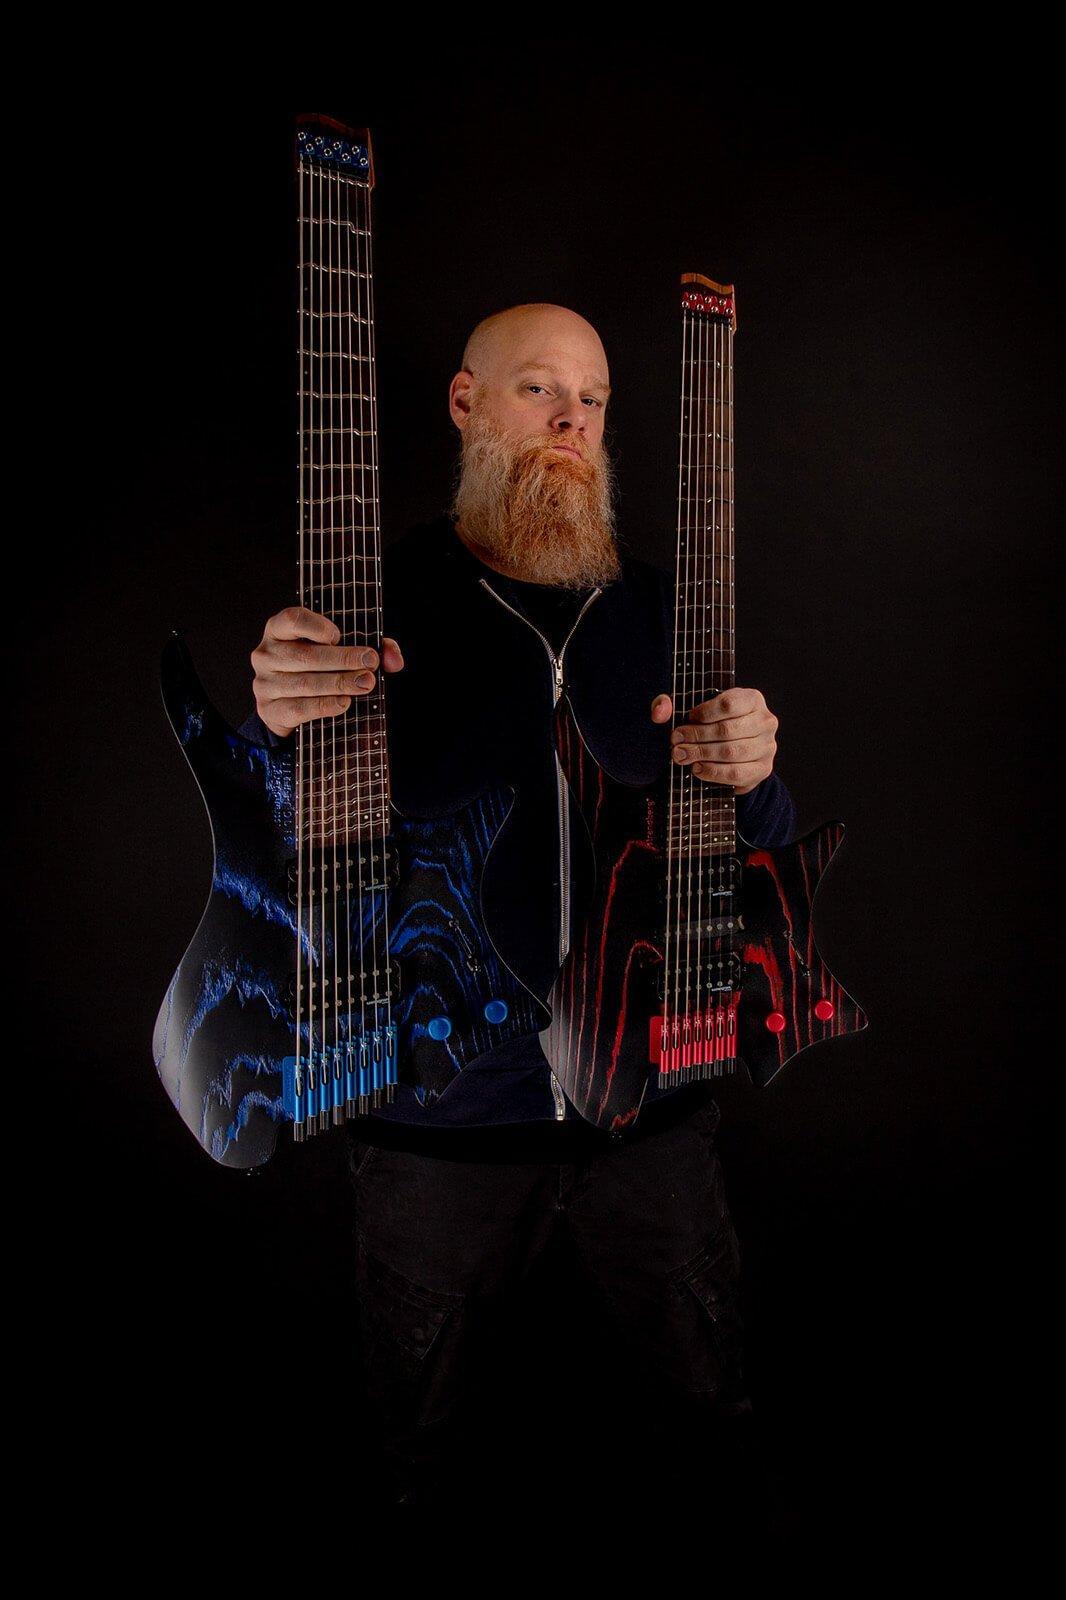 Strandberg Boden singularity headless guitar